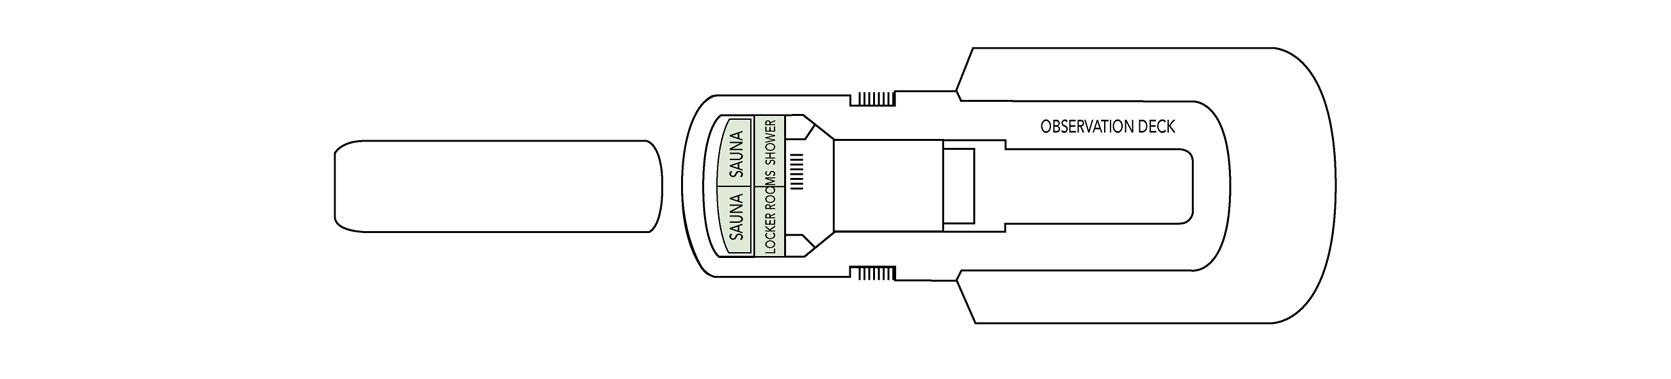 Hurtigruten MS Fram Deck Plans Deck 8.png